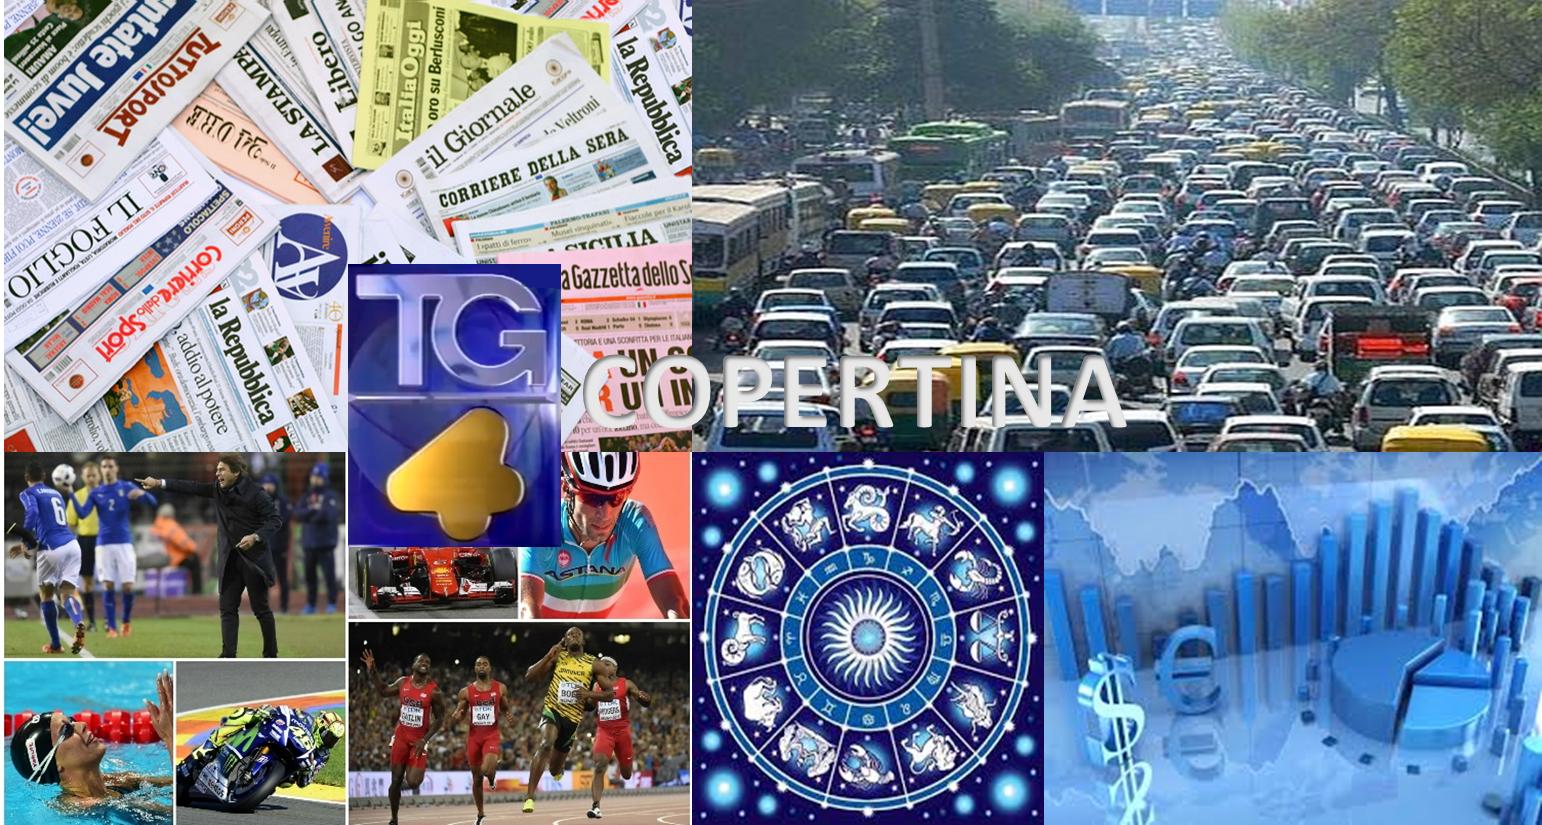 MEDIASET REVOLUTION: RETE 4 TUTTA NUOVA DAL MATTINO ALLA SERA... E QUALCHE RITOCCO A CANALE 5, LA5 E MEDIASET EXTRA<br> (a cura di Mediasaro)